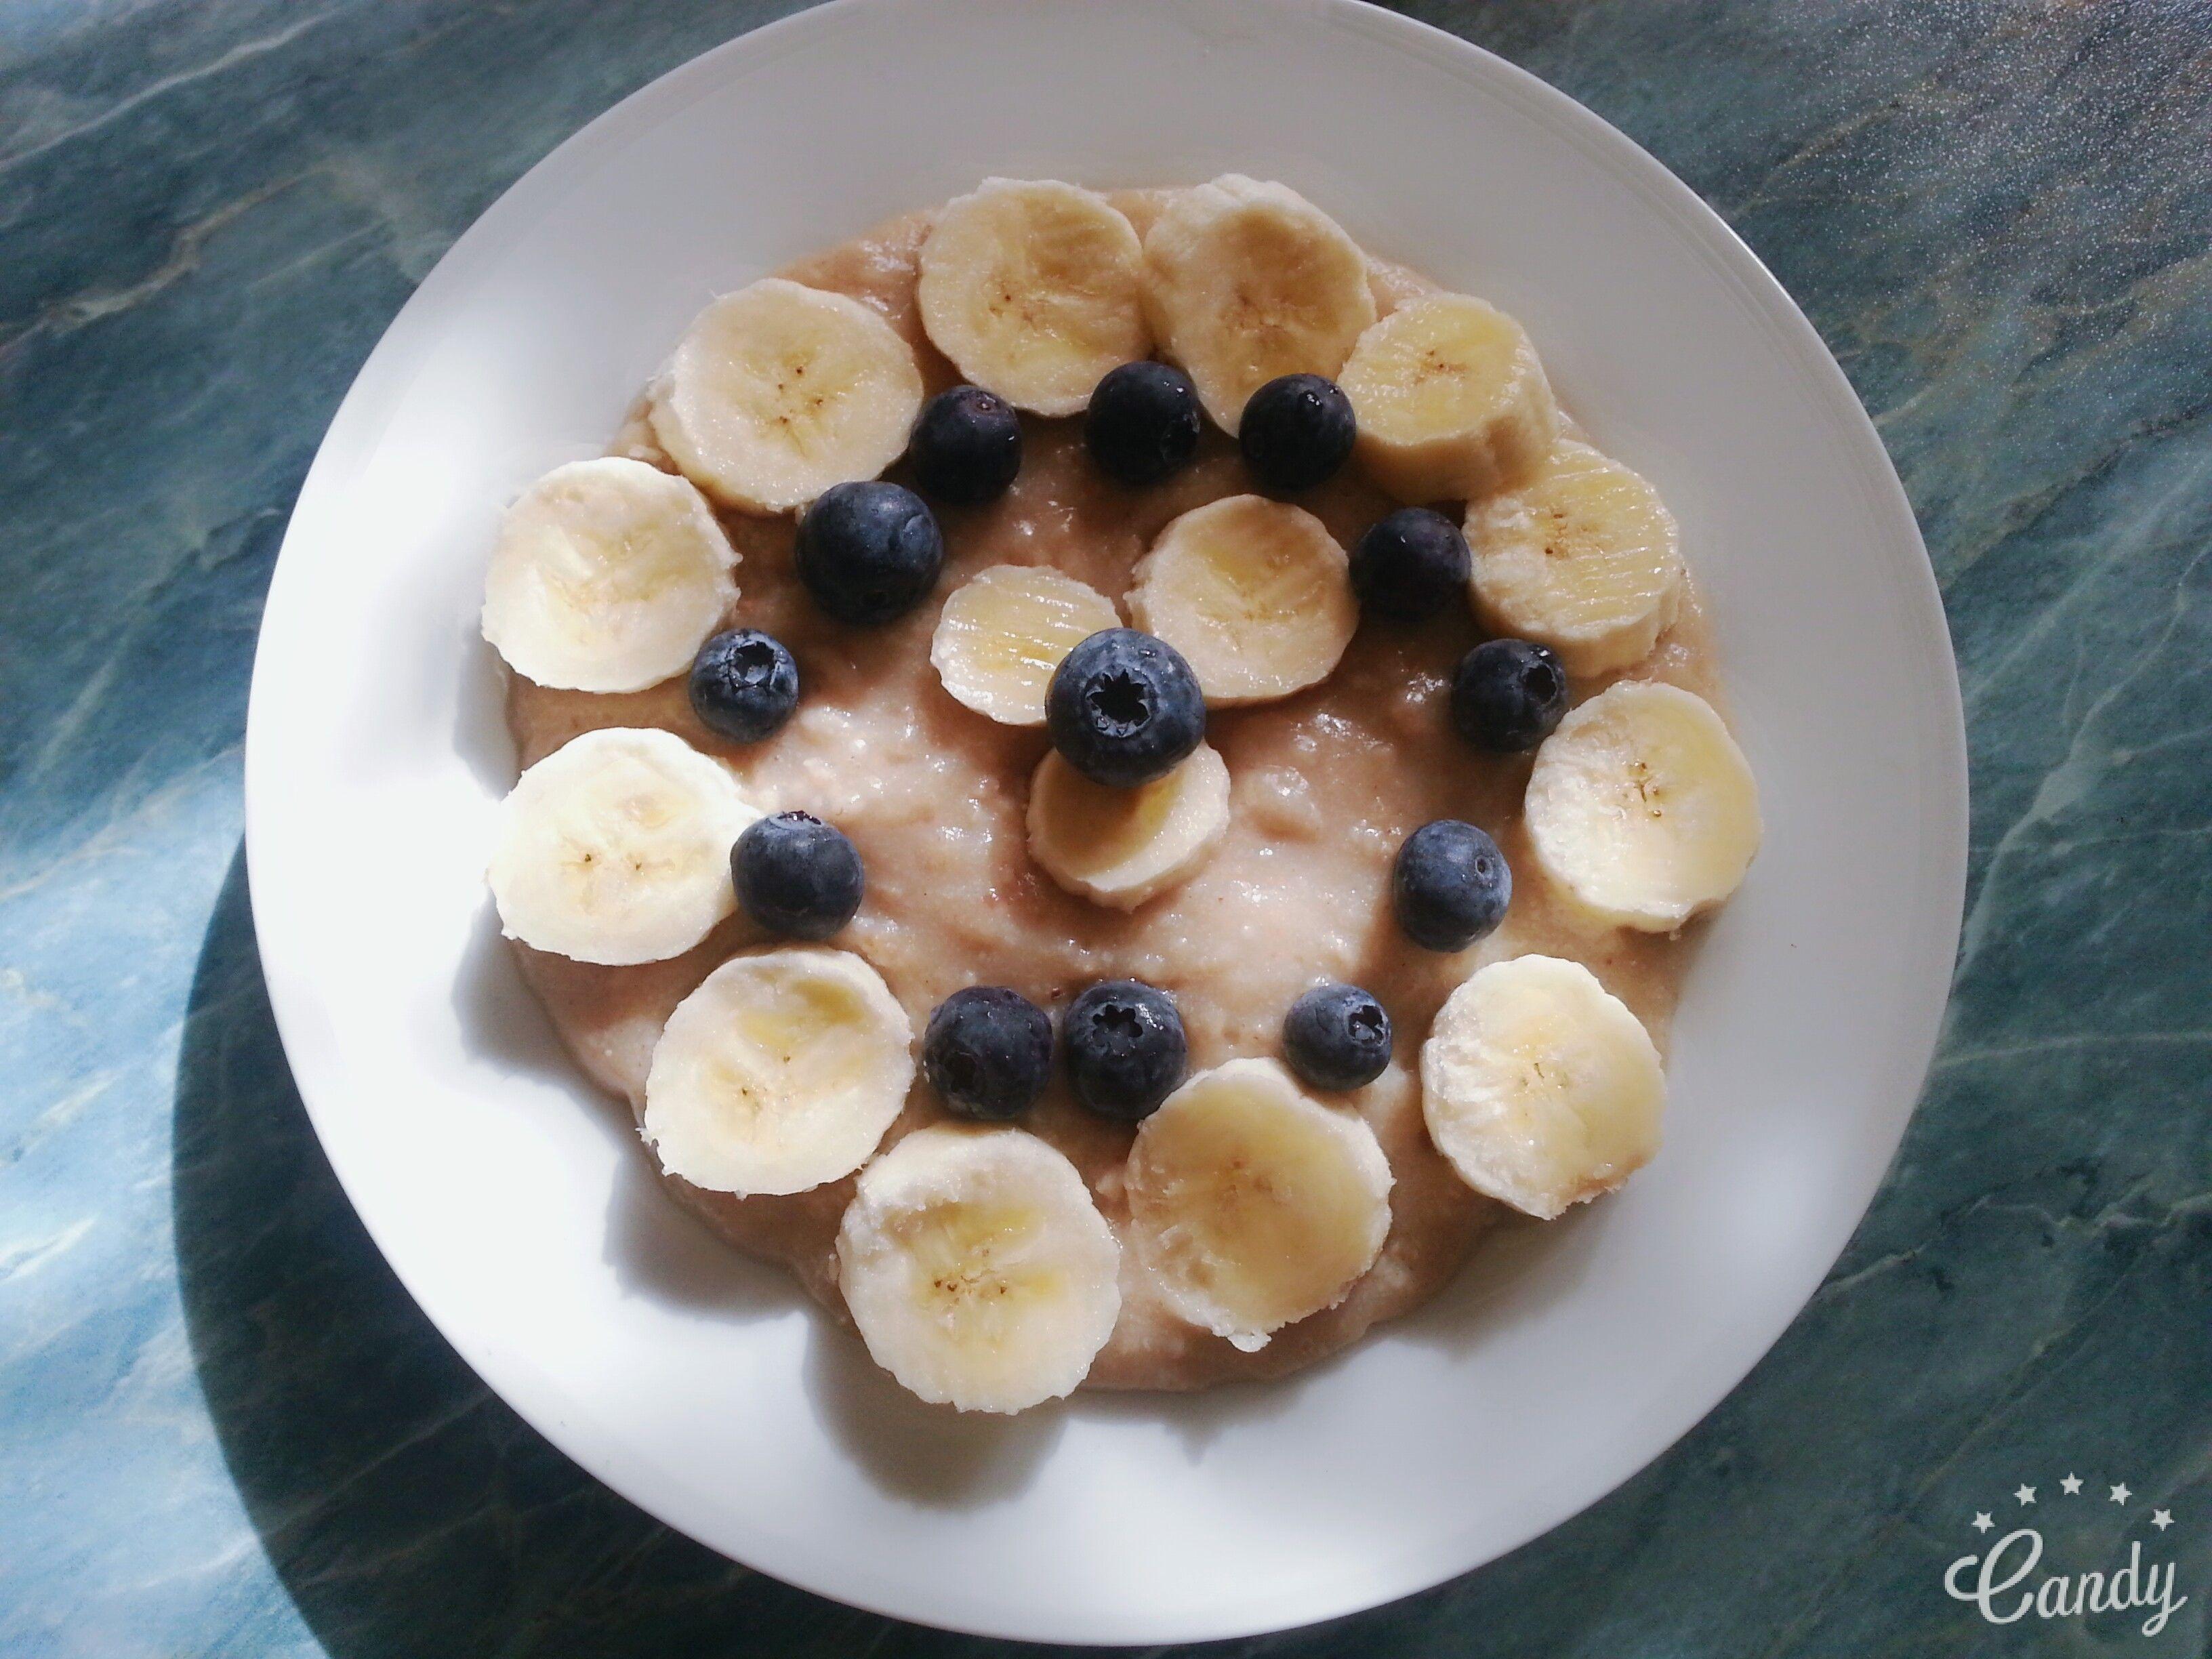 Mein Lieblingsfrühstück: Haferbrei mit Bananen und Blaubeeren. Vegan, fettarm, lange sättigend und gesund, magenschonend und kalorienarm. Mehr Tipps und Rezepte findet ihr unter www.greenliving1.jimdo.com und auf Youtube unter Green Angel (Green Living)